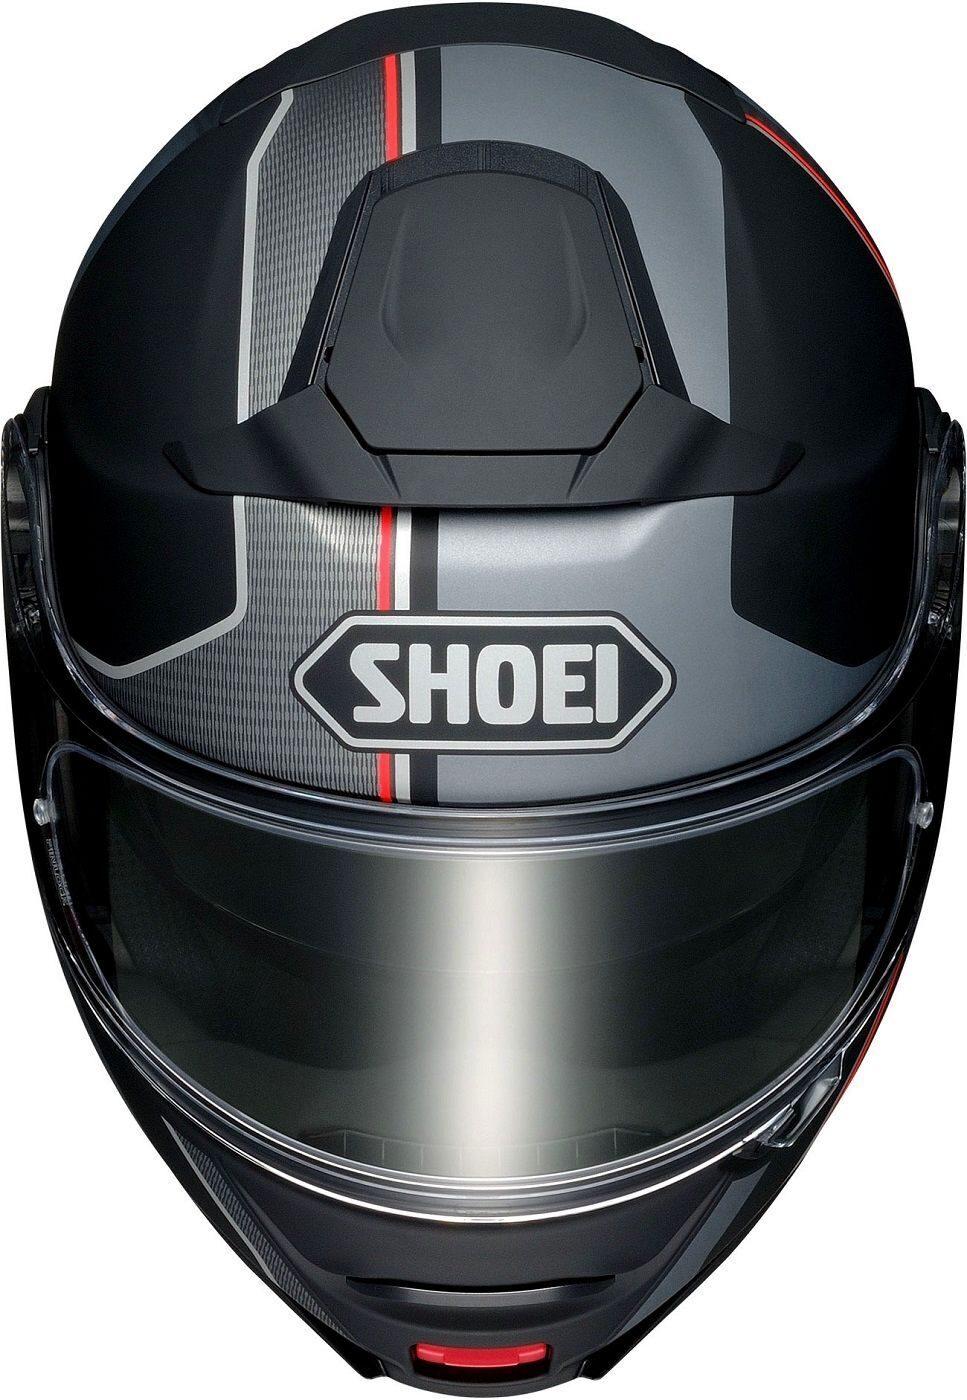 Shoei neotec 2